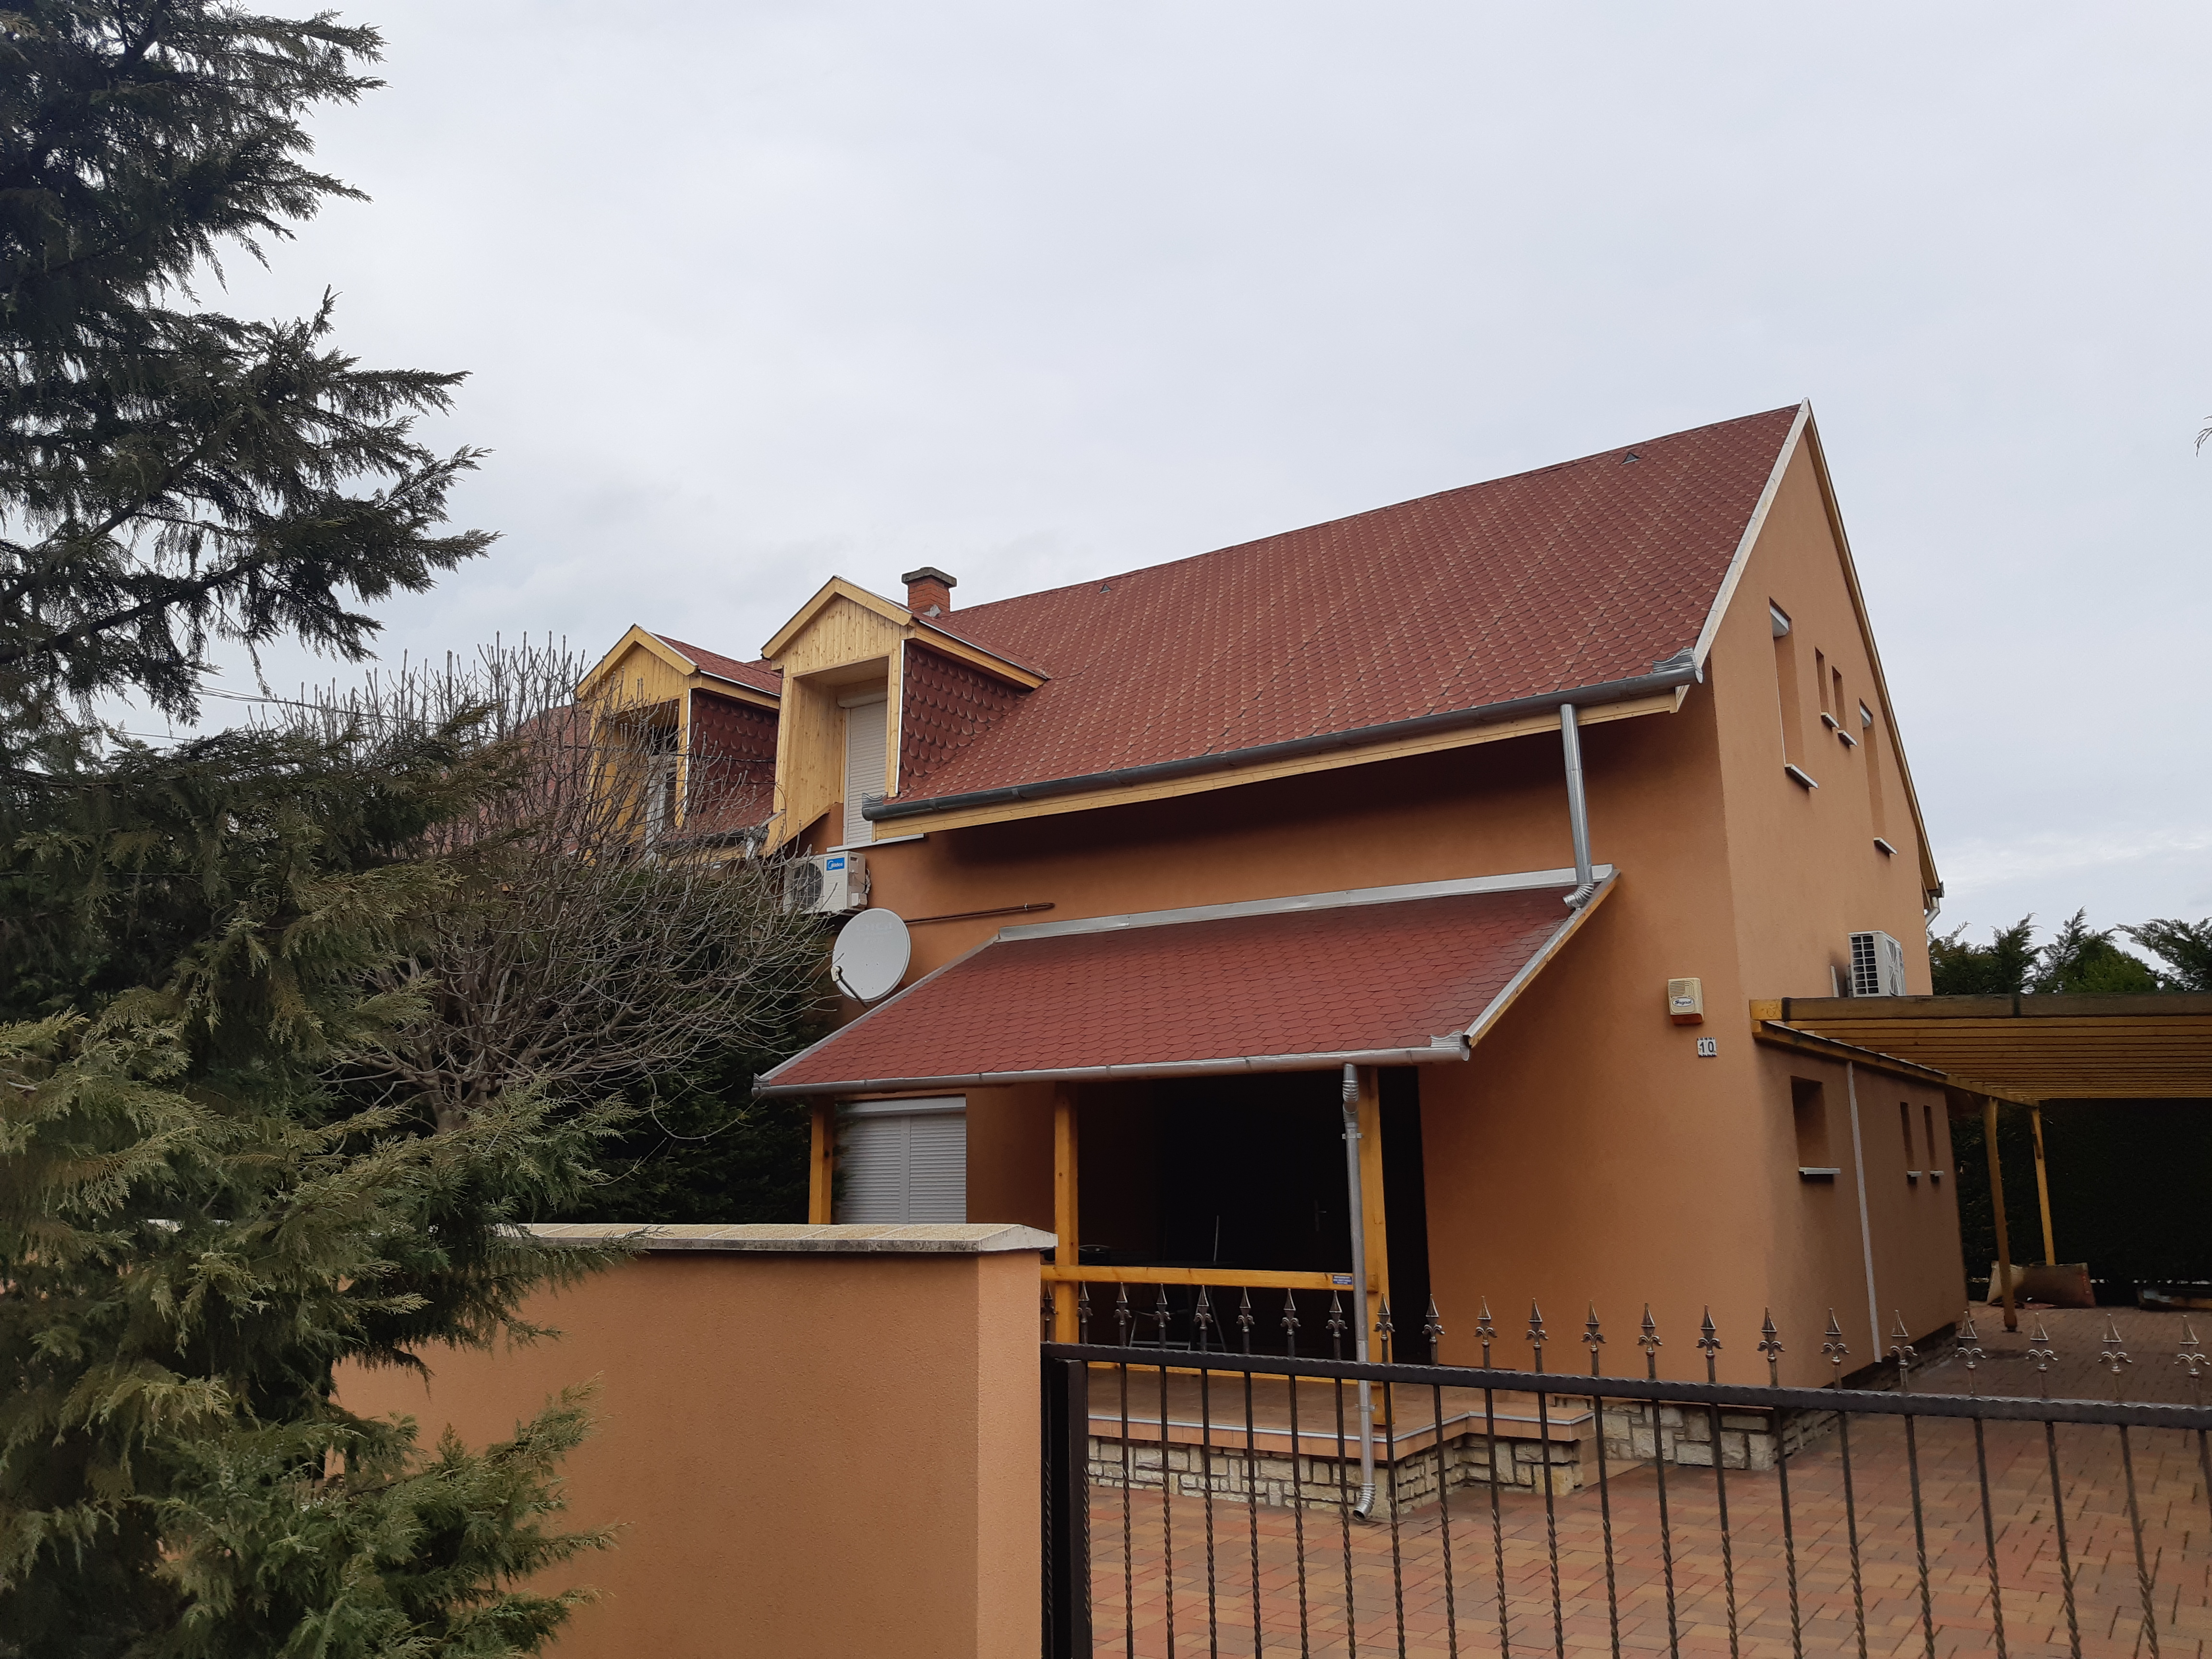 palatető felújítás Gelénes | Palatető Gelénes